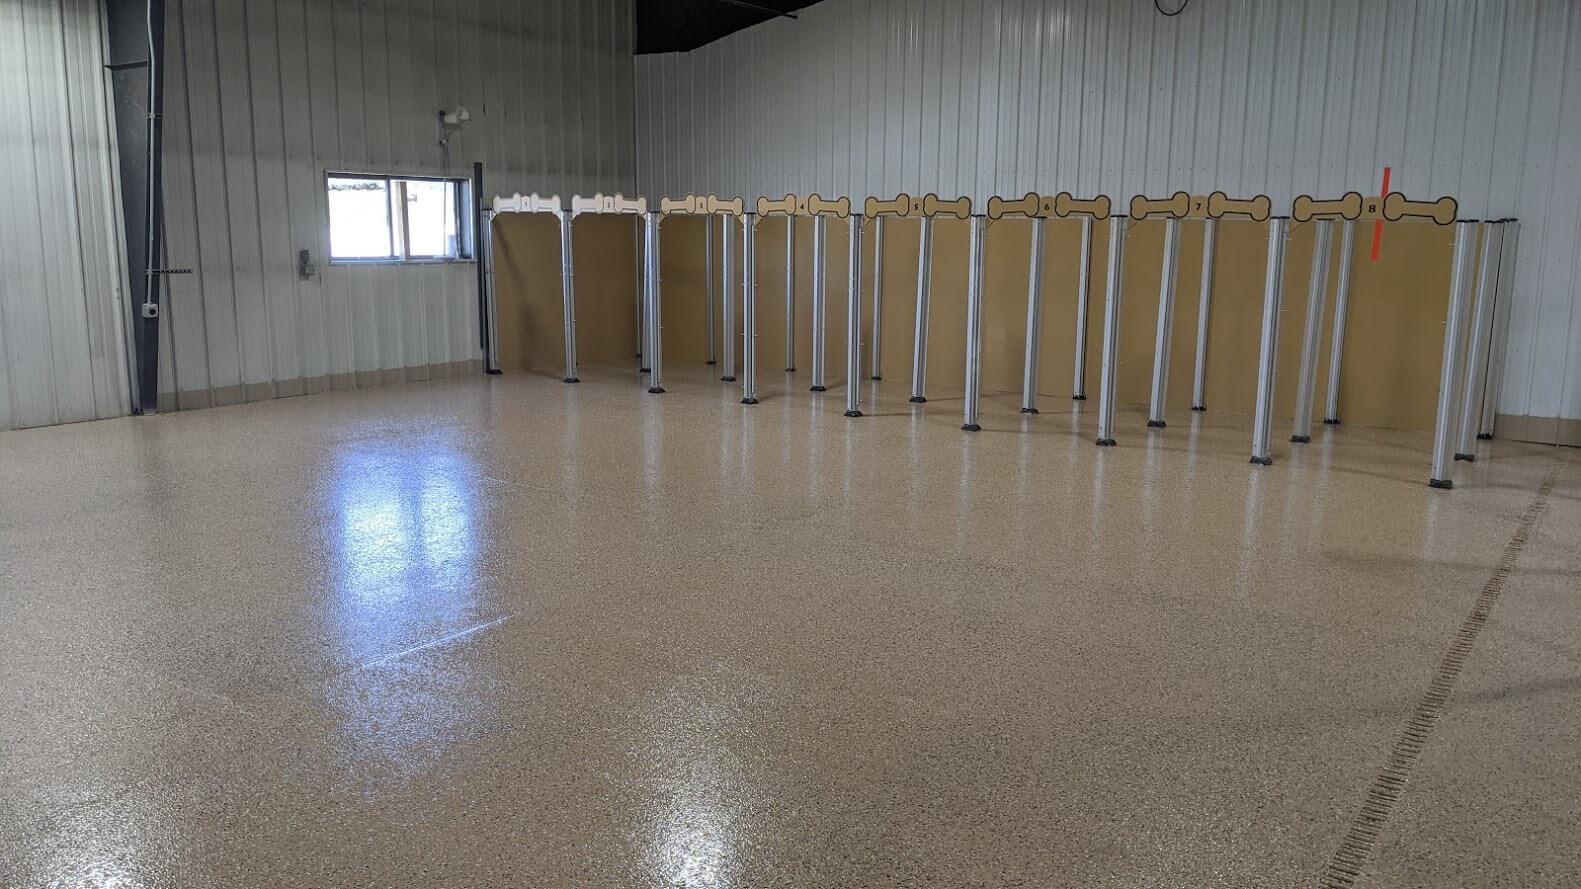 Finished epoxy flooring